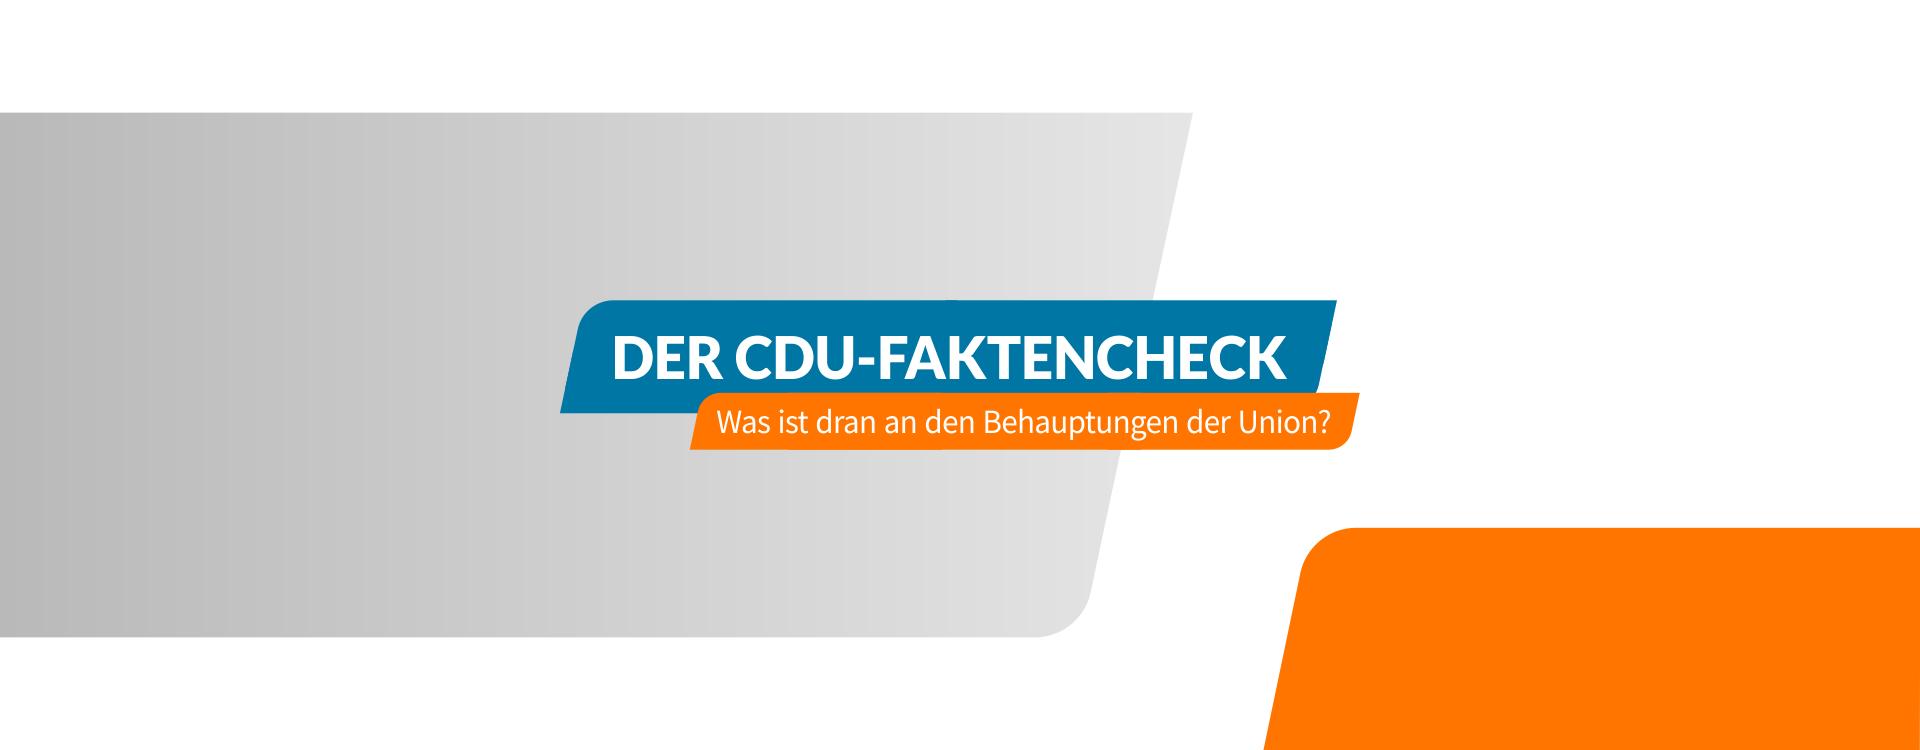 Der CDU-Faktencheck